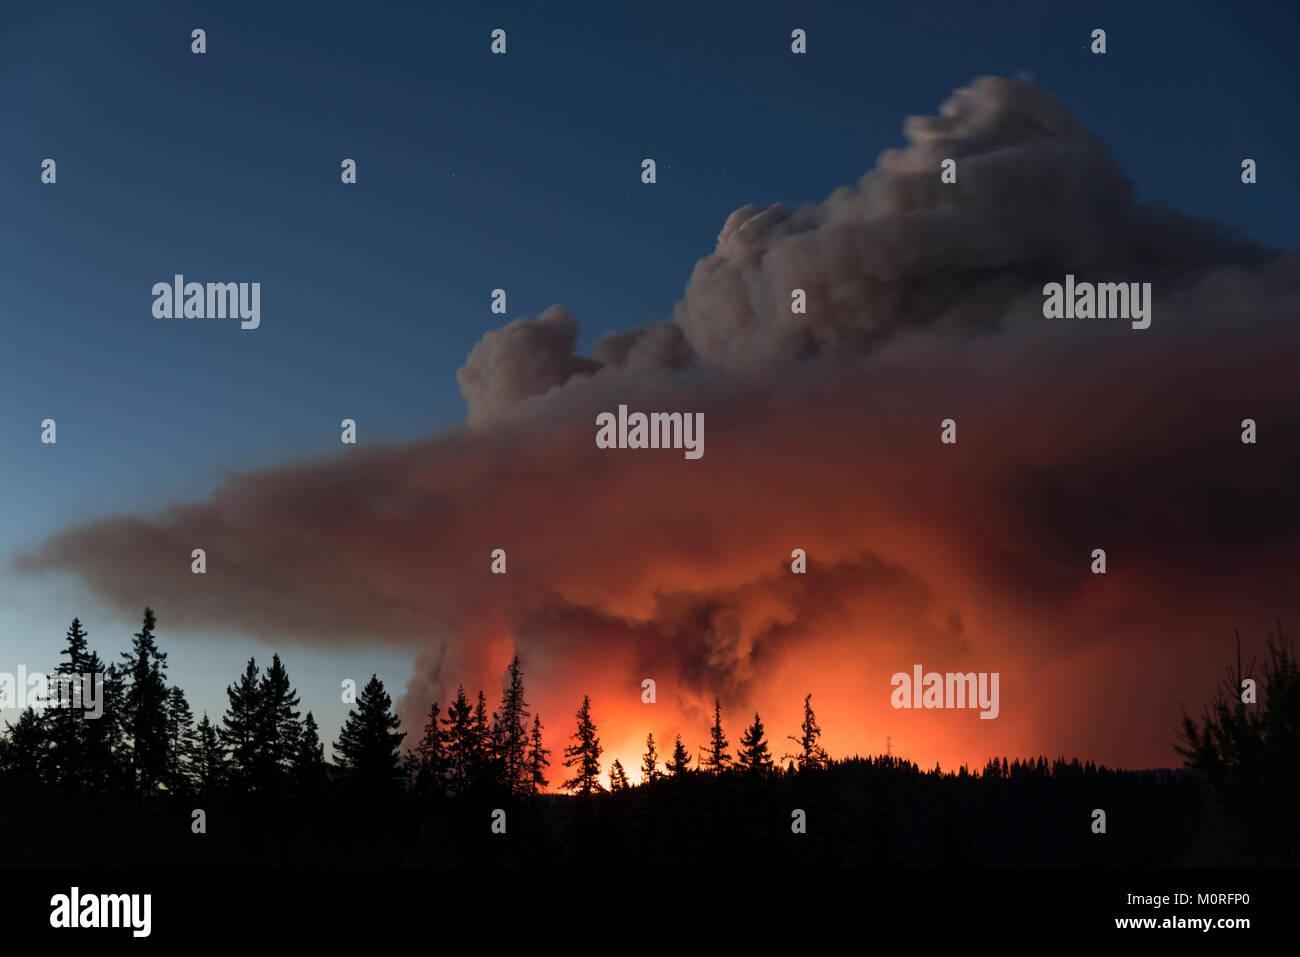 Un'immagine del Jolly Mountain fire in cascate montagne vicino Cle Elum, Washington, Stati Uniti d'America Immagini Stock